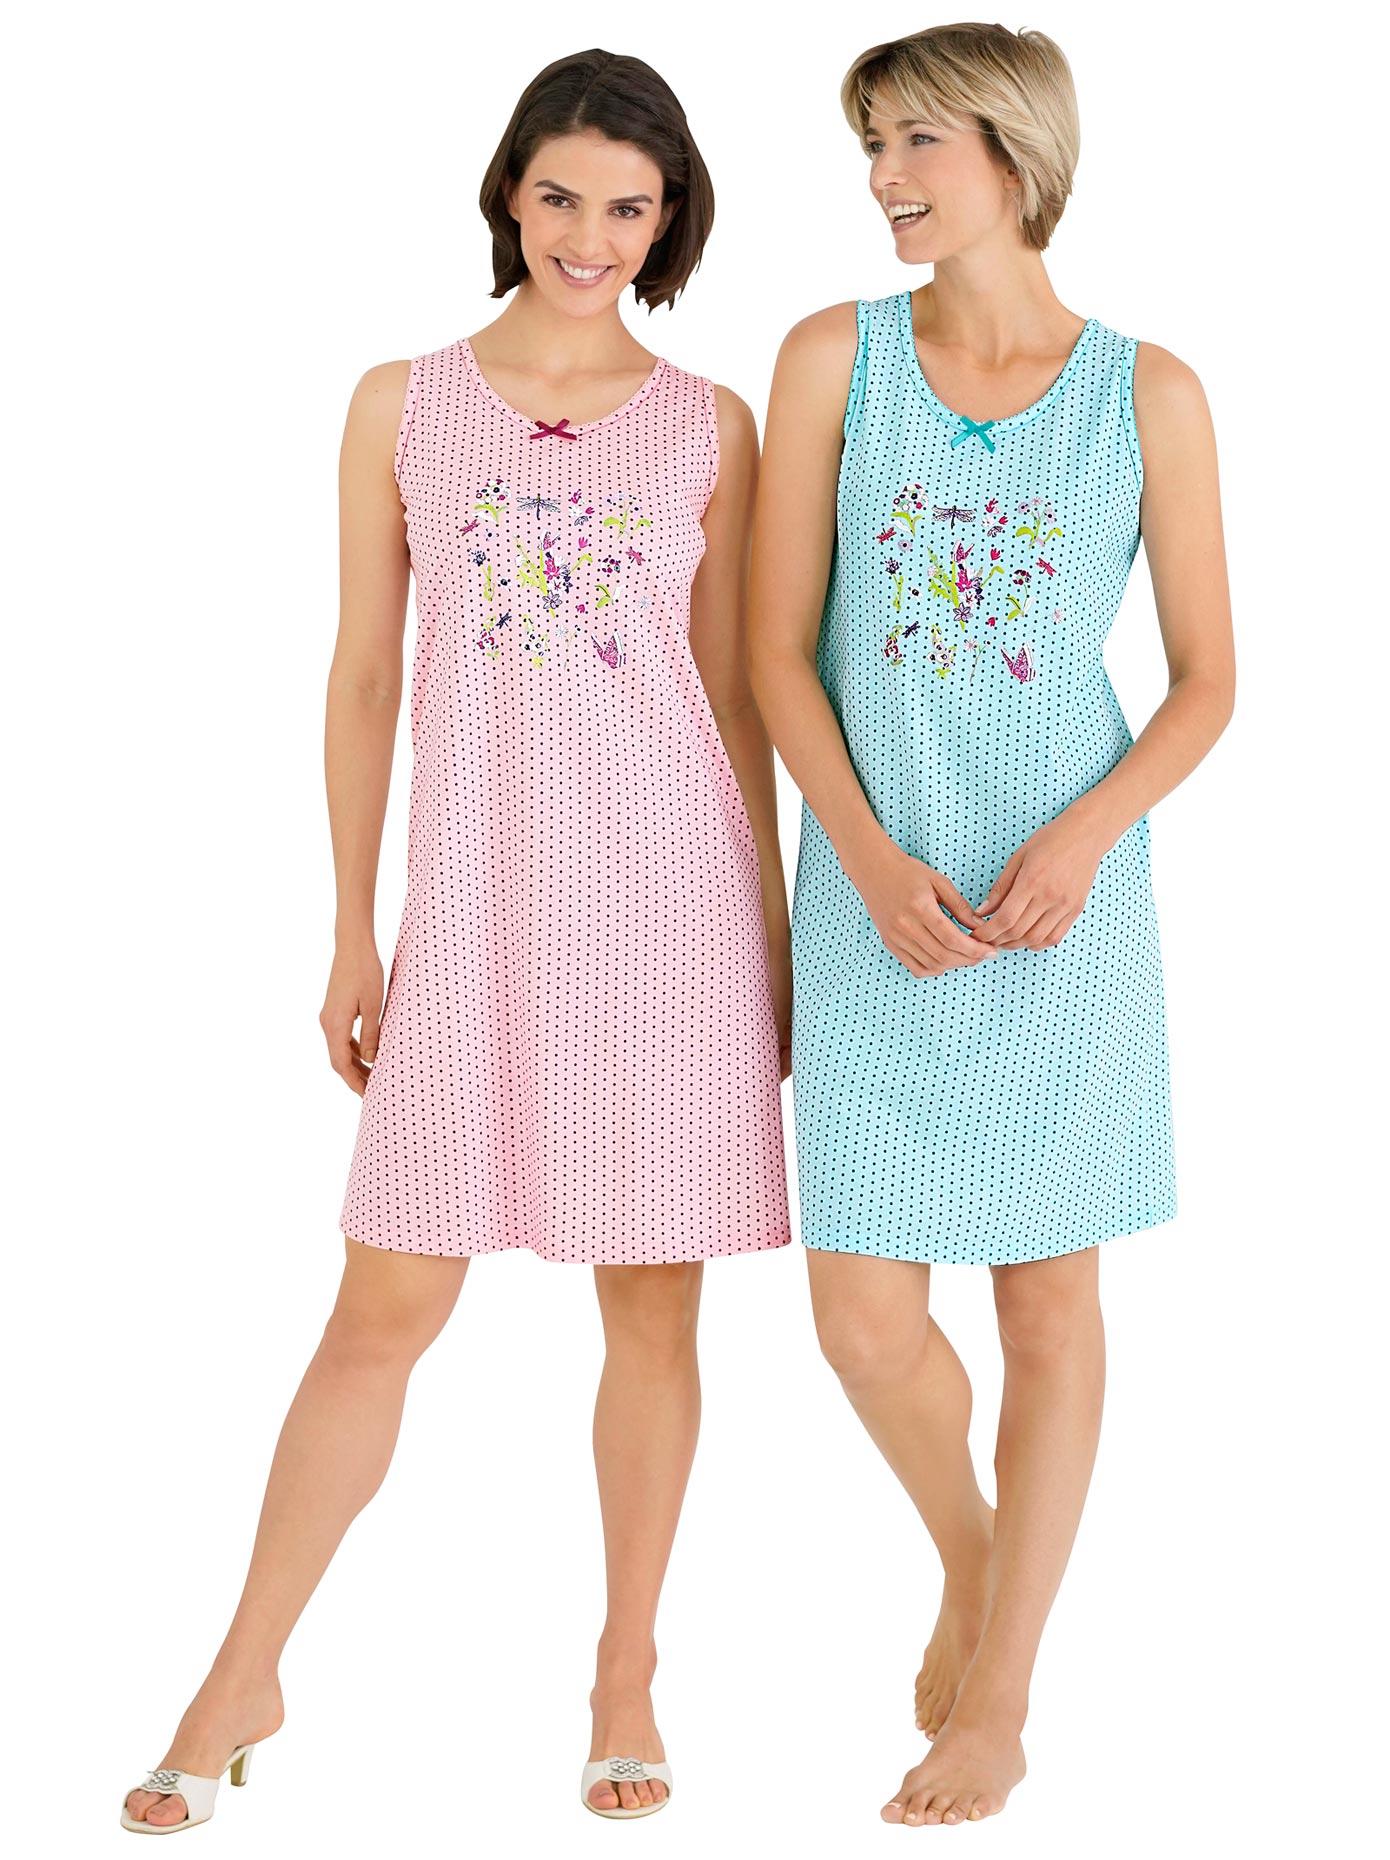 wäschepur Sleepshirts (2 Stck) | Bekleidung > Nachtwäsche > Sleepshirts | Blau | Wäschepur